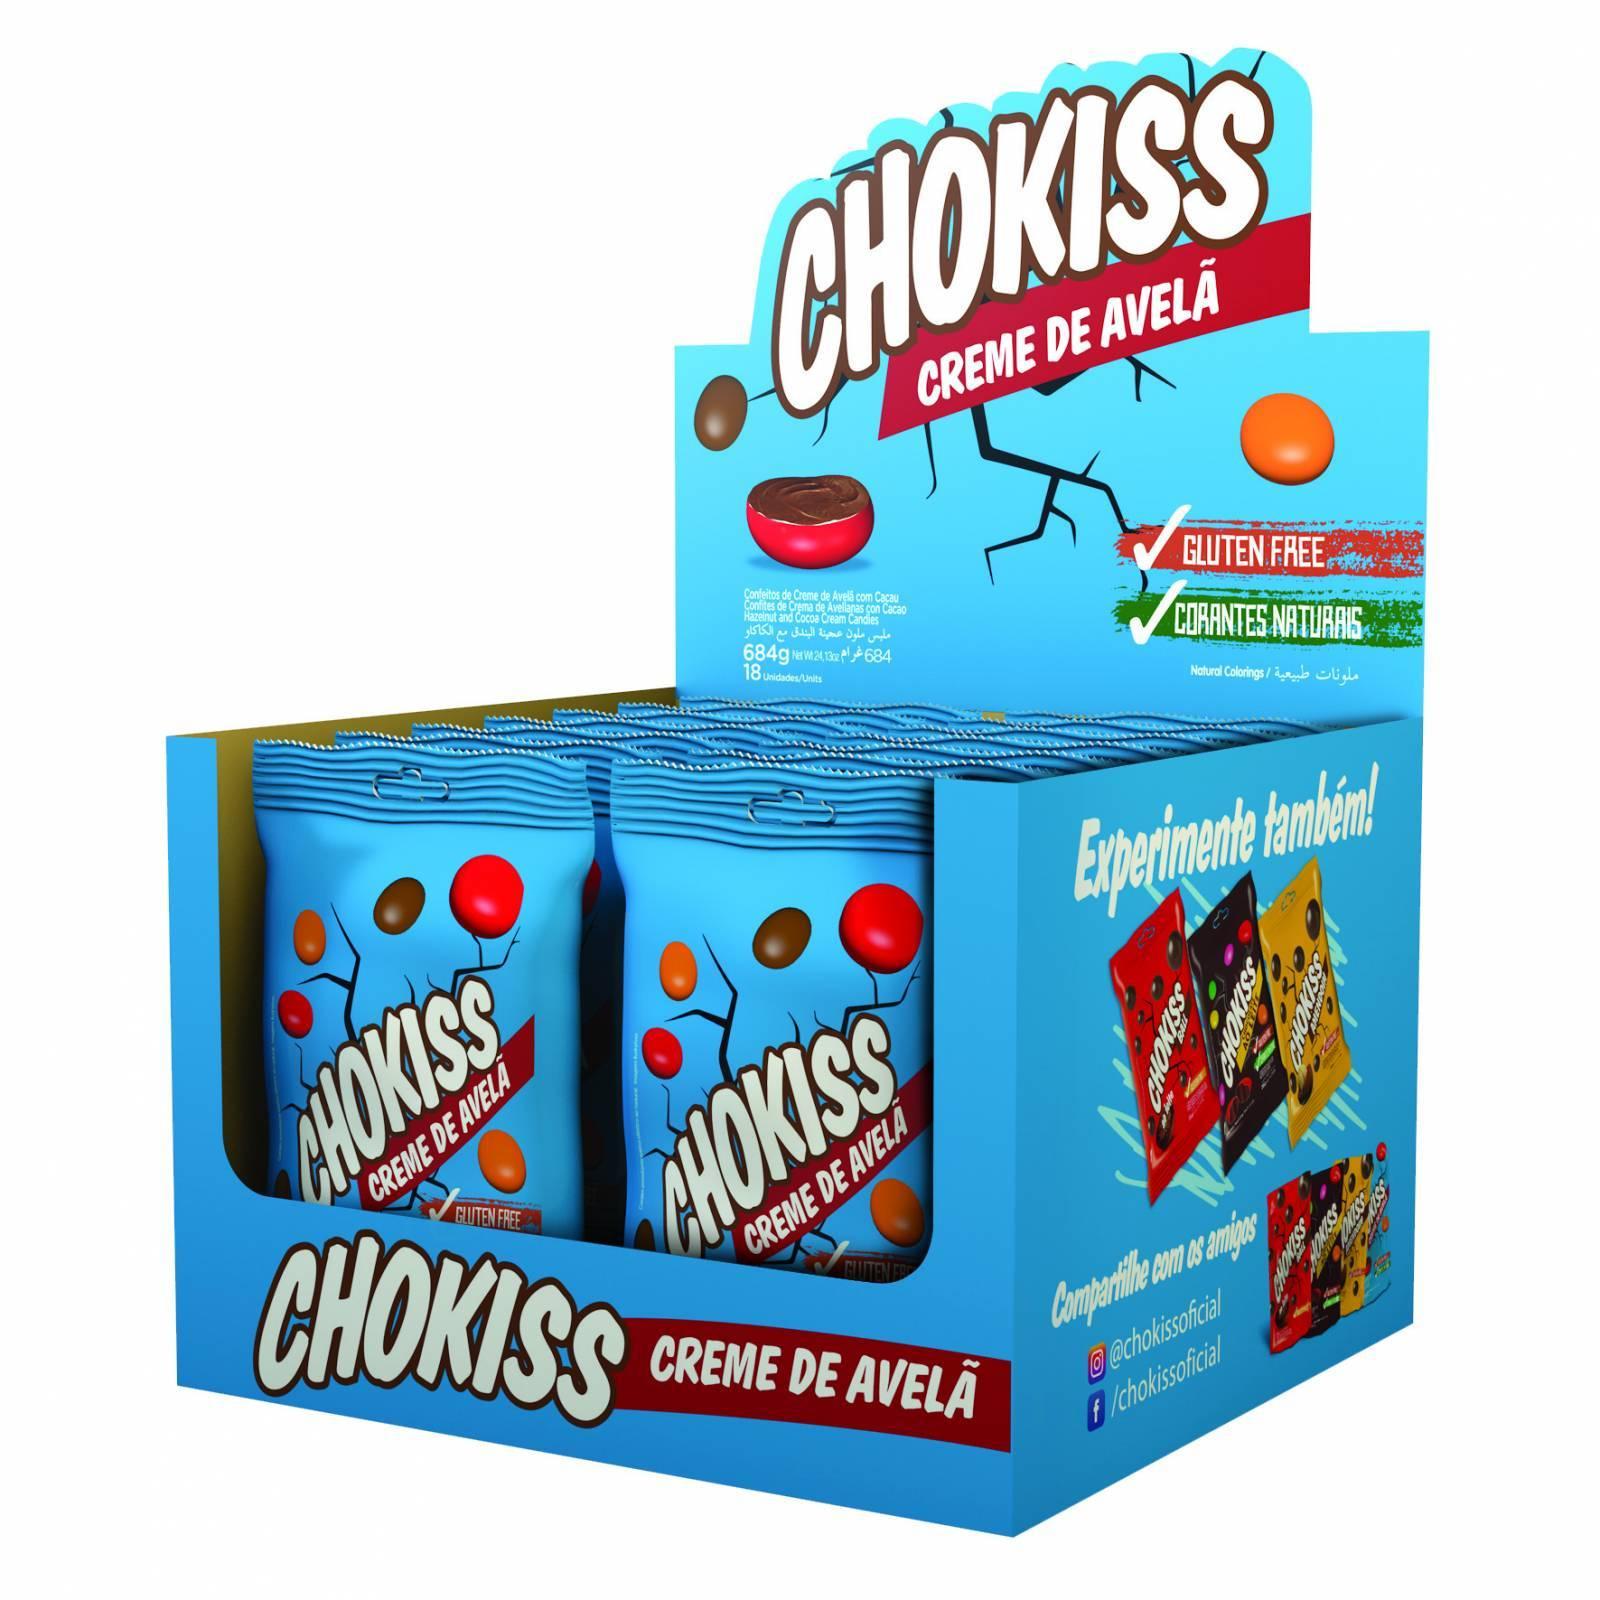 Chokiss Creme de Avelã Display 38g - Jazam Alimentos